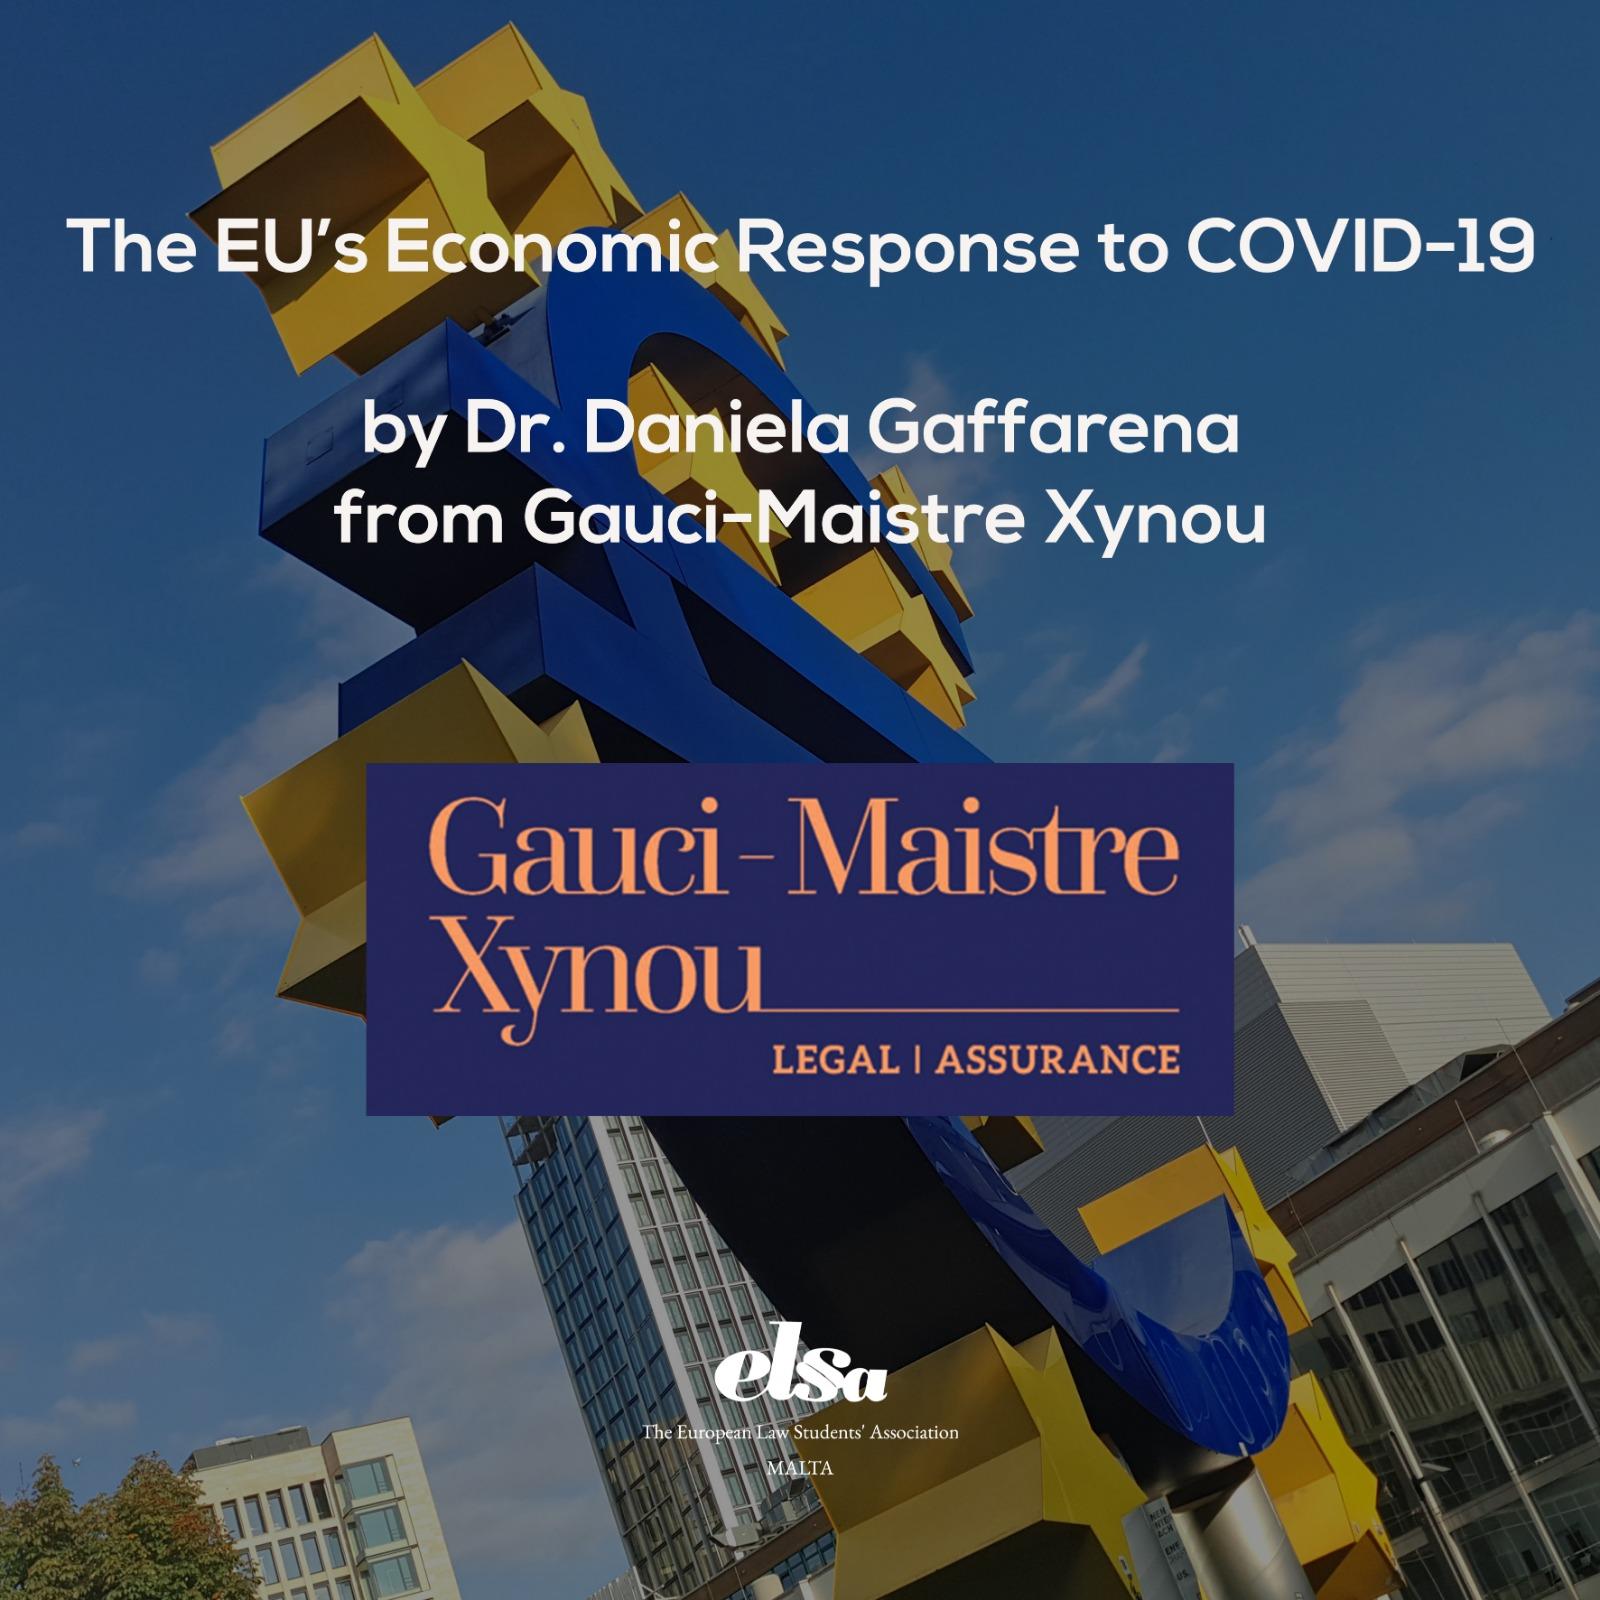 The EU's Economic Response to COVID-19